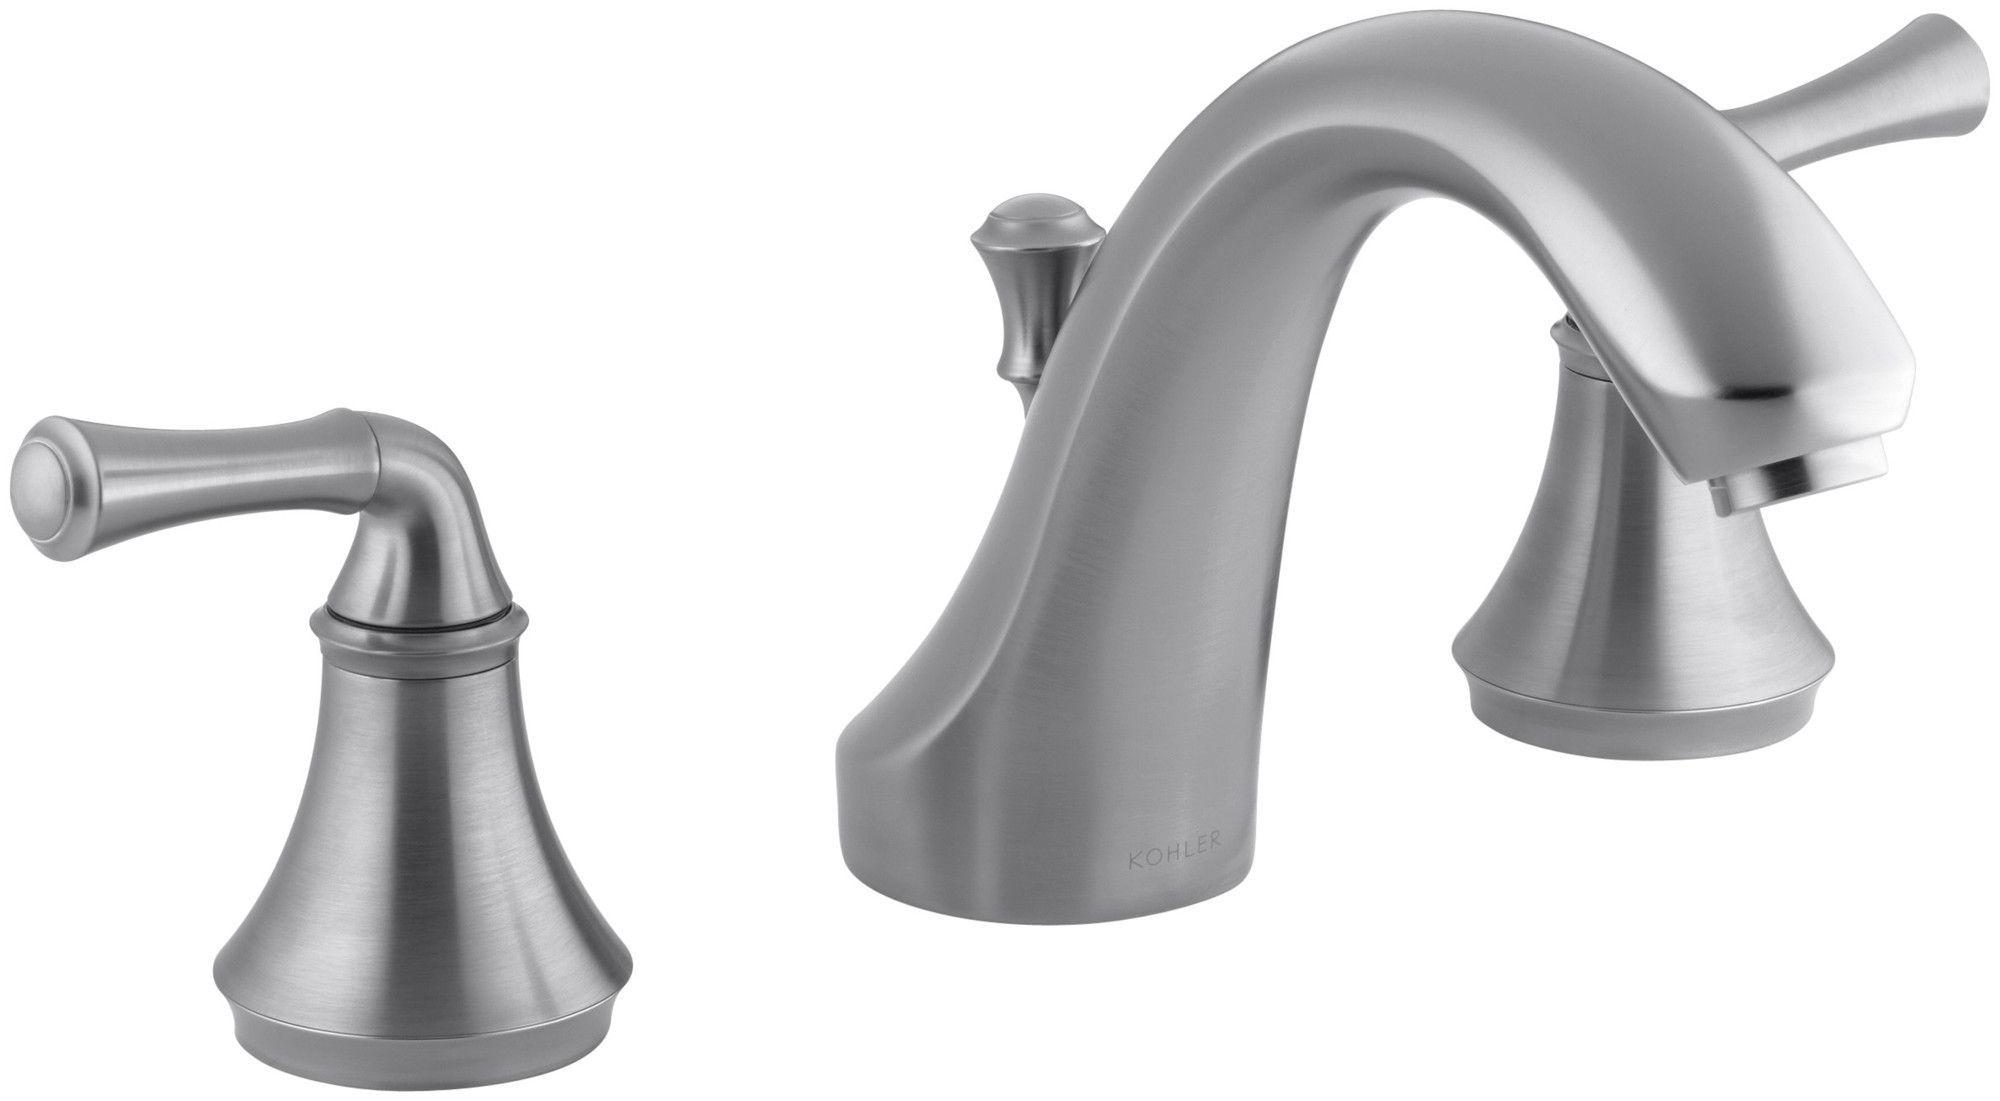 Forté Traditional Deck-Mount Bath Faucet Trim for High-Flow Valve ...